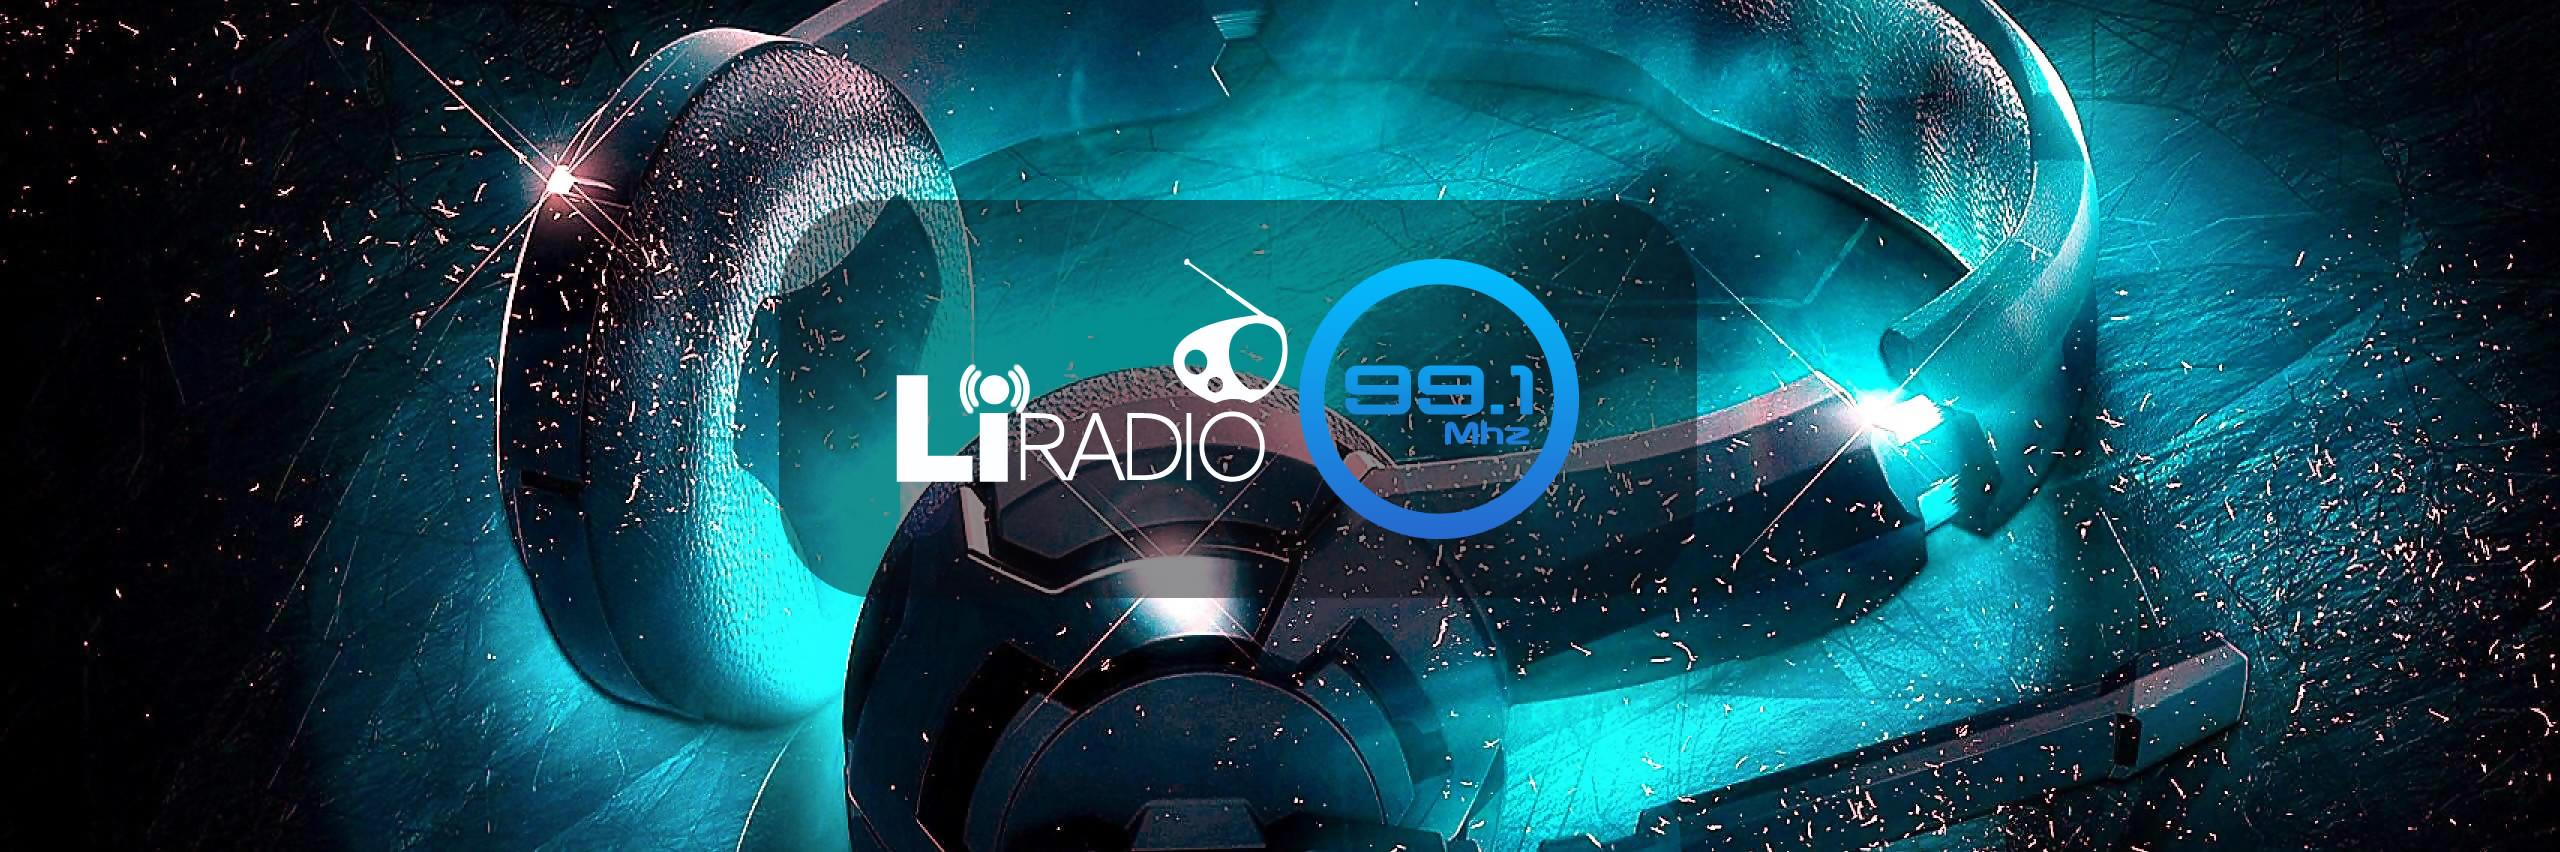 LI Radio 99.1